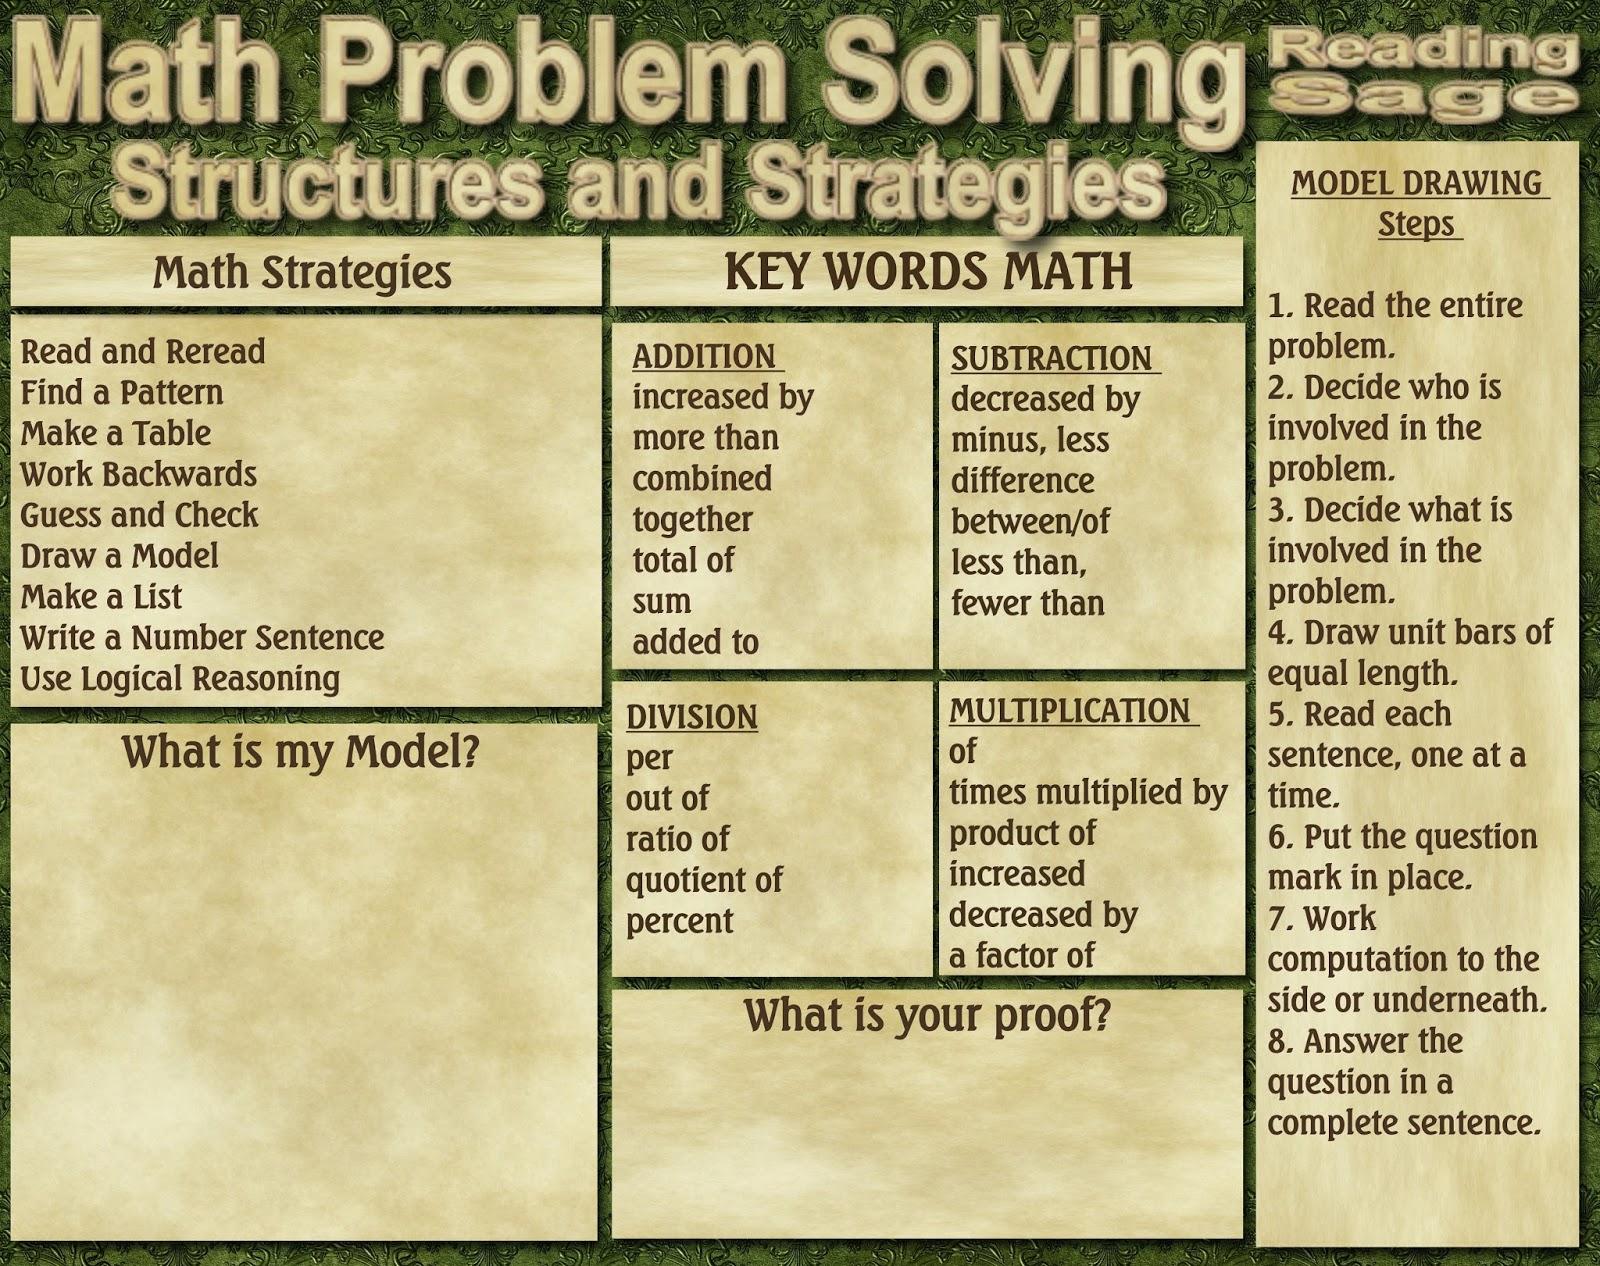 Reading Sage Math Bulletin Board